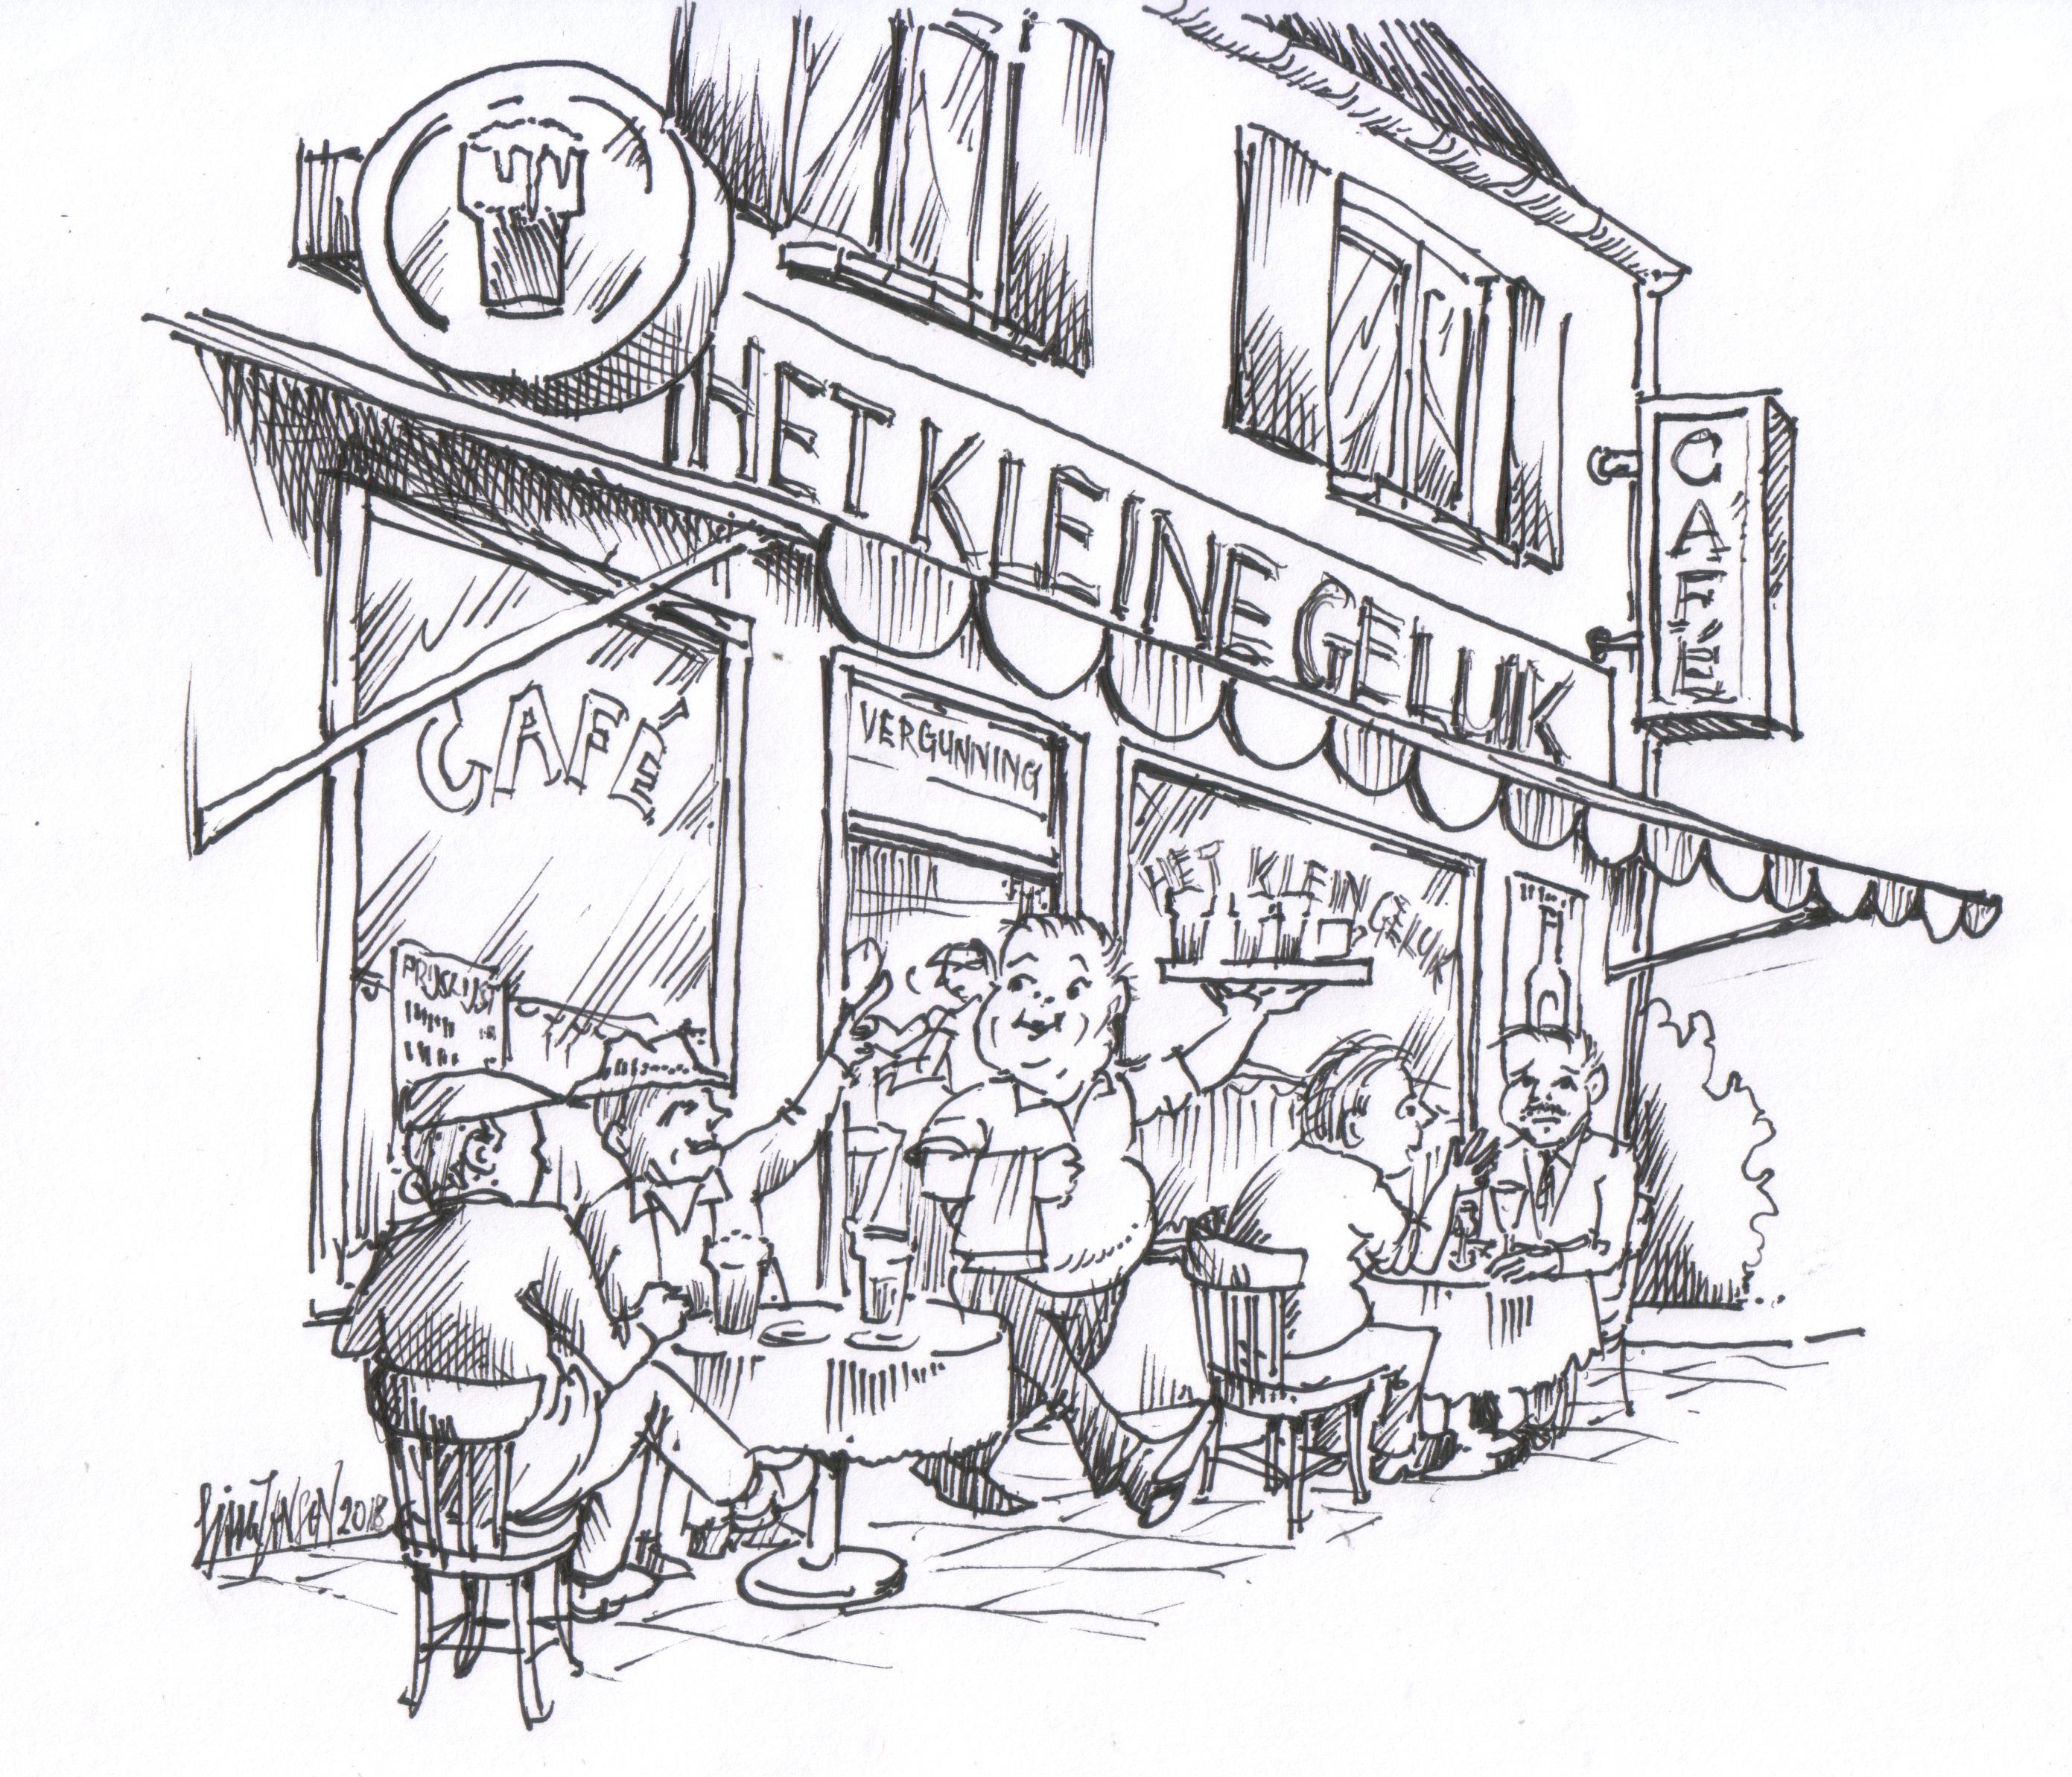 Cafe Het Kleine Geluk